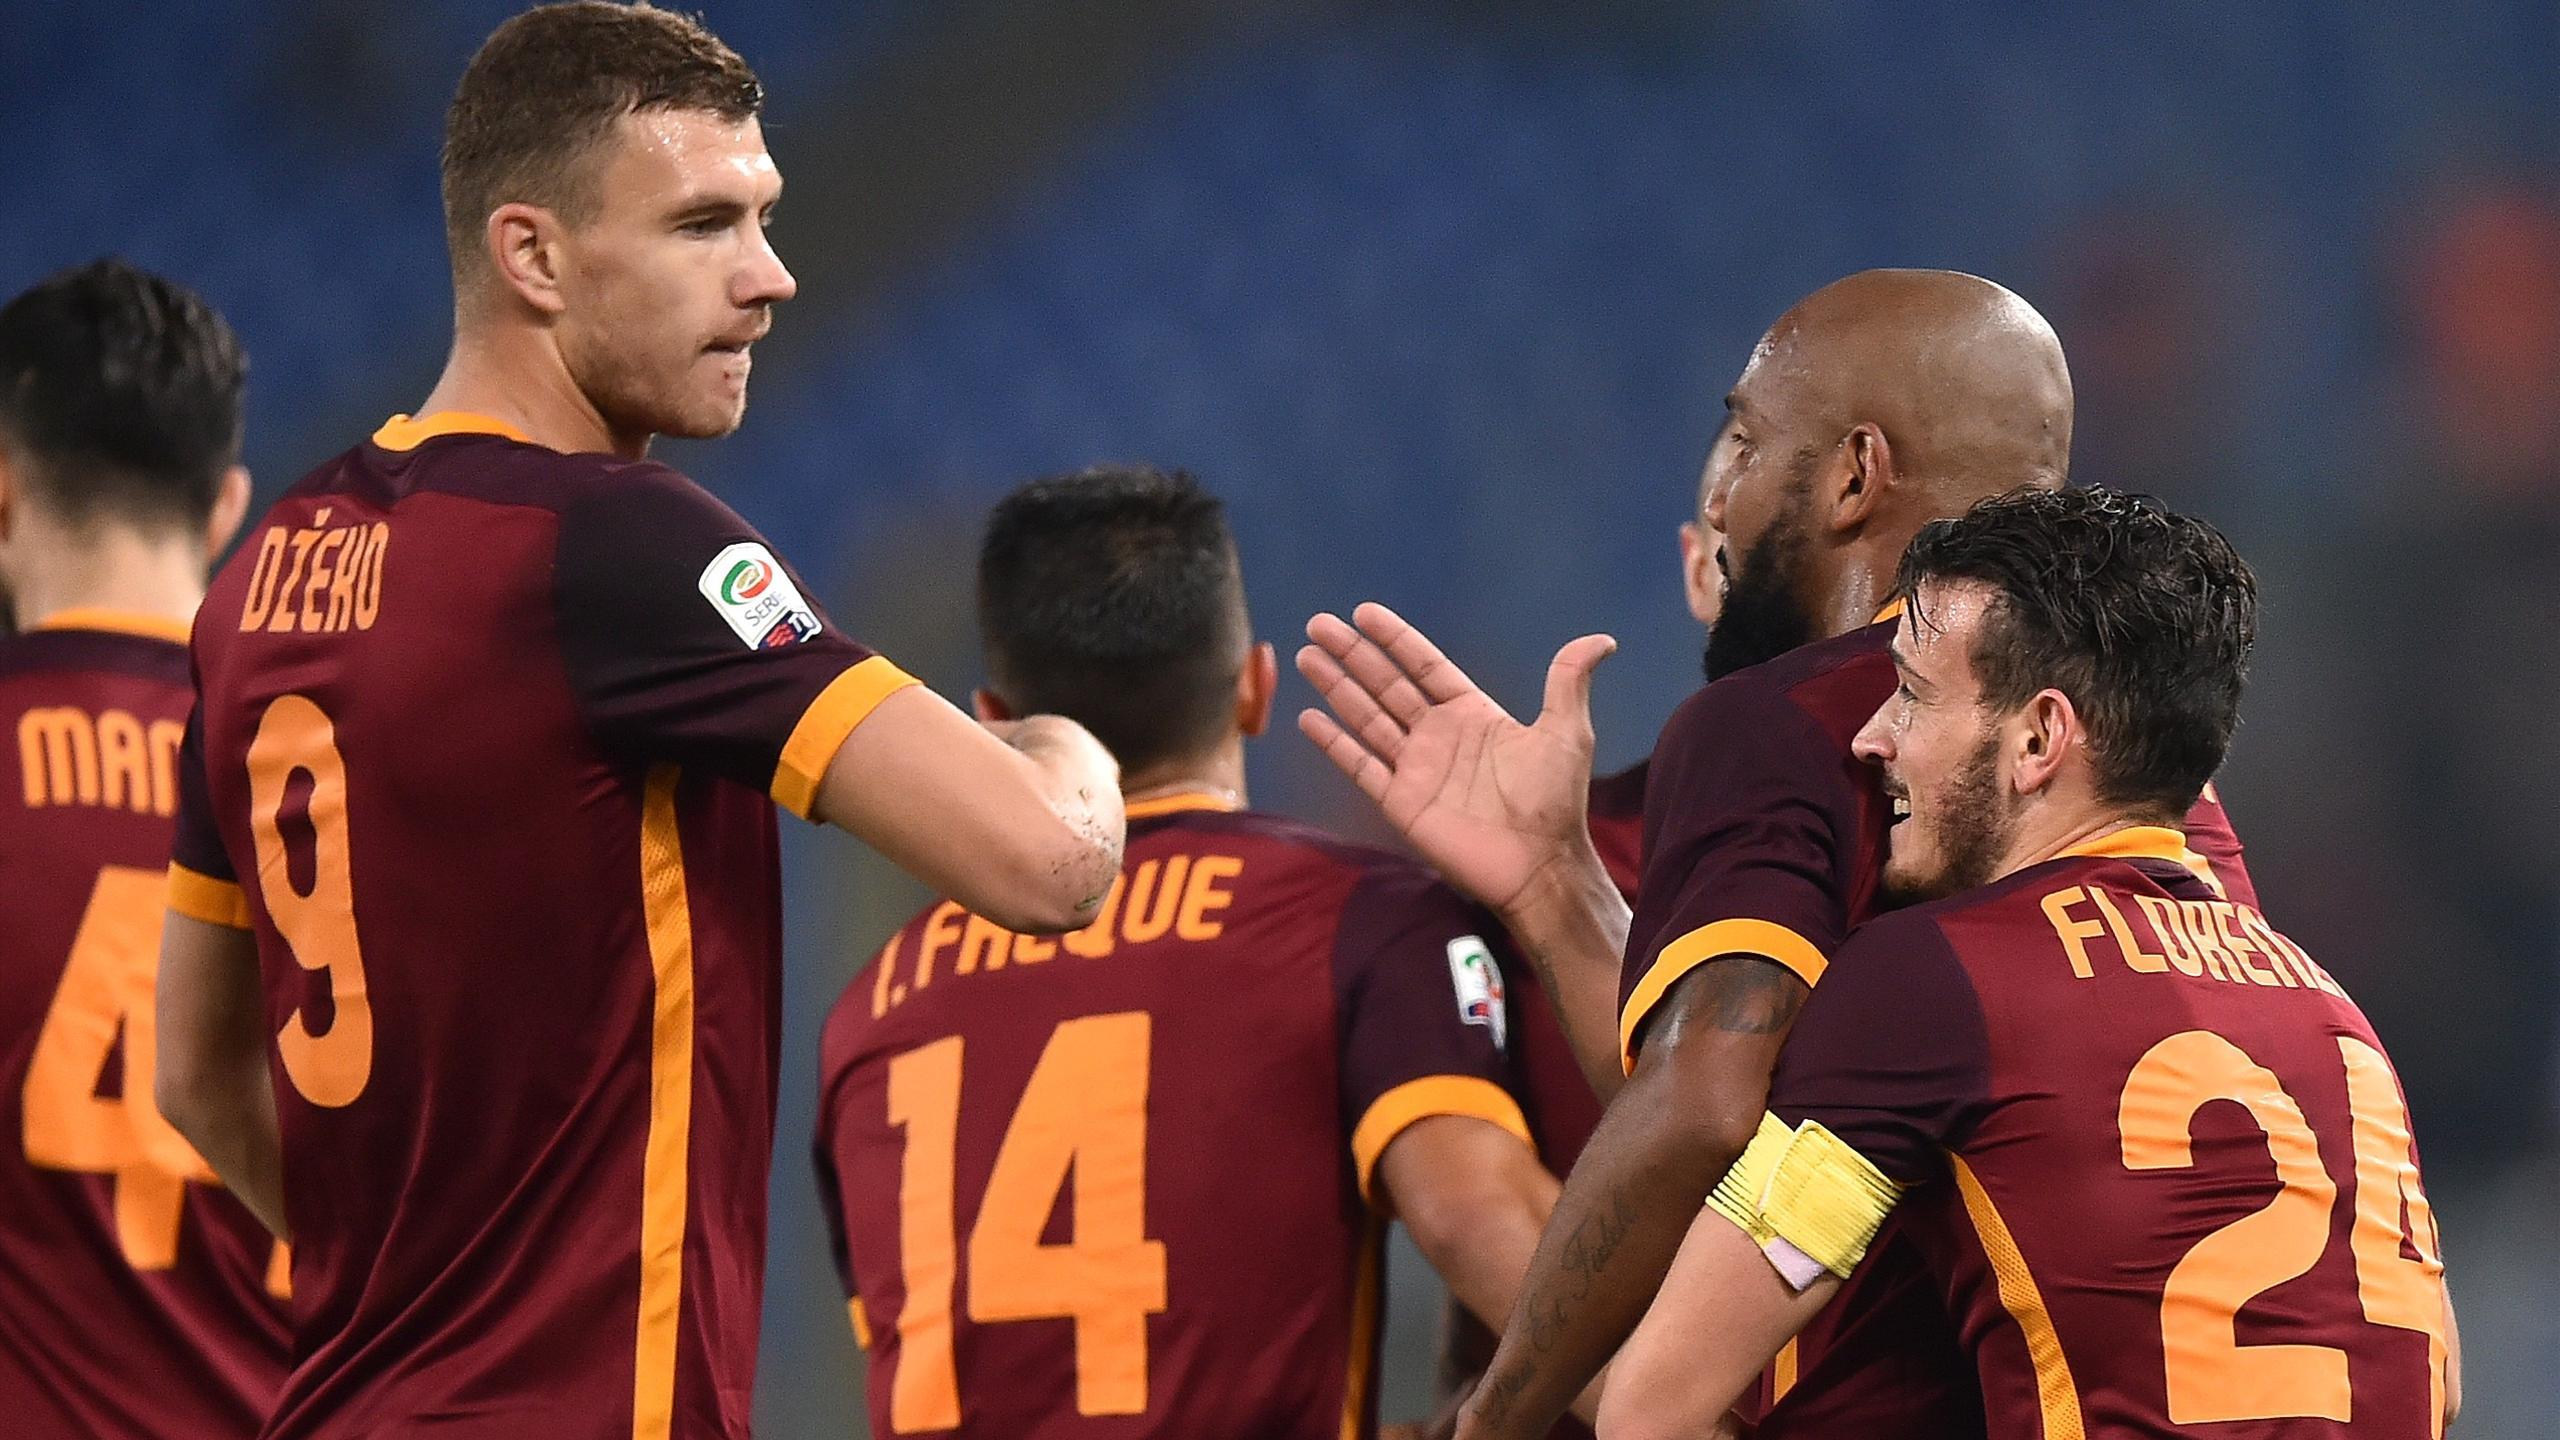 Edin Dzeko et Maicon lors de la victoire de l'AS Rome sur l'Udinese